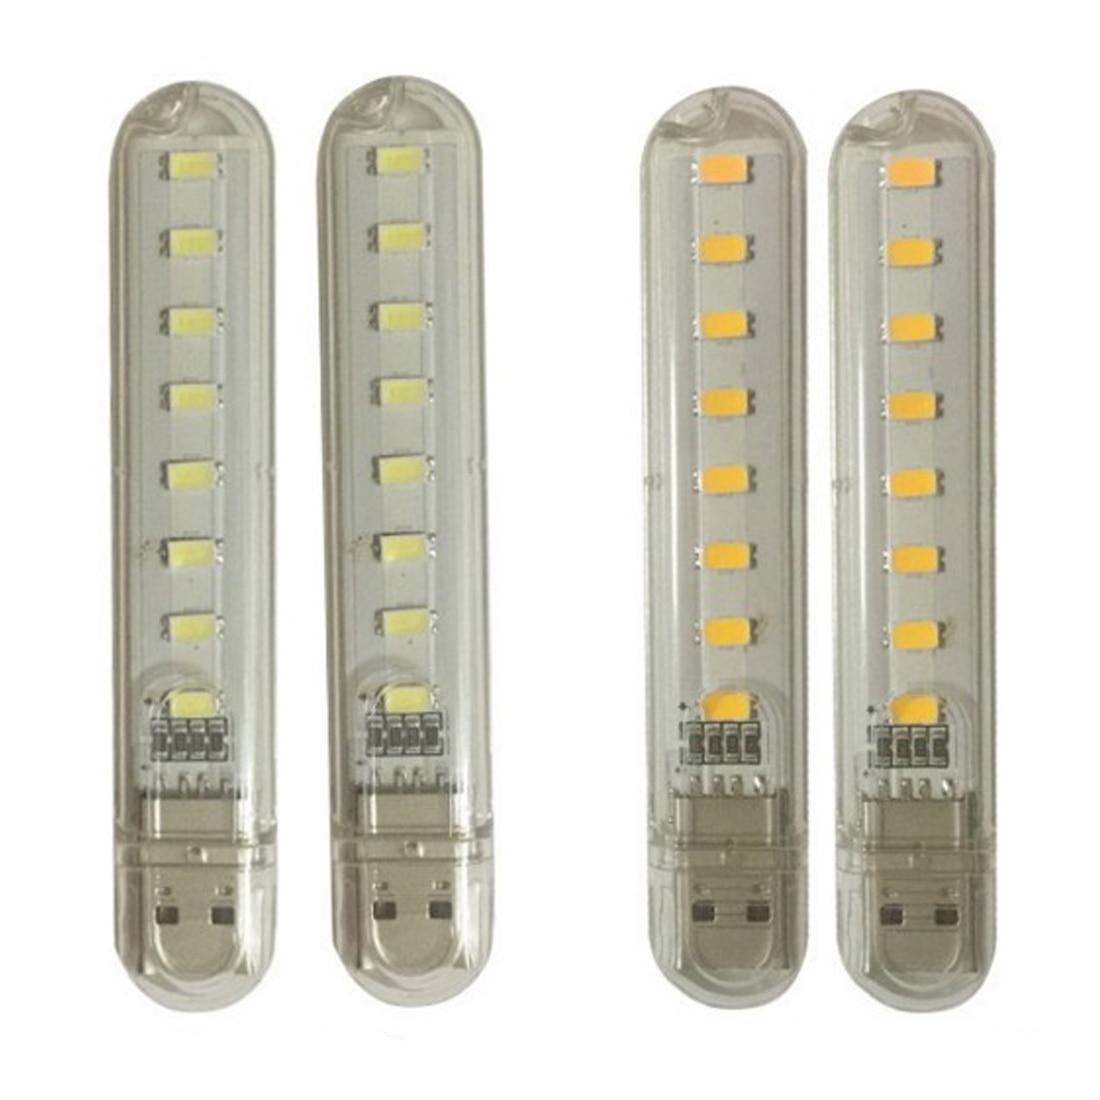 Centechia nouveau Mini veilleuse LED USB 8LEDs 5V ampoule lampe blanche froide pour lecture Gadget portable batterie dalimentation ordinateur portable